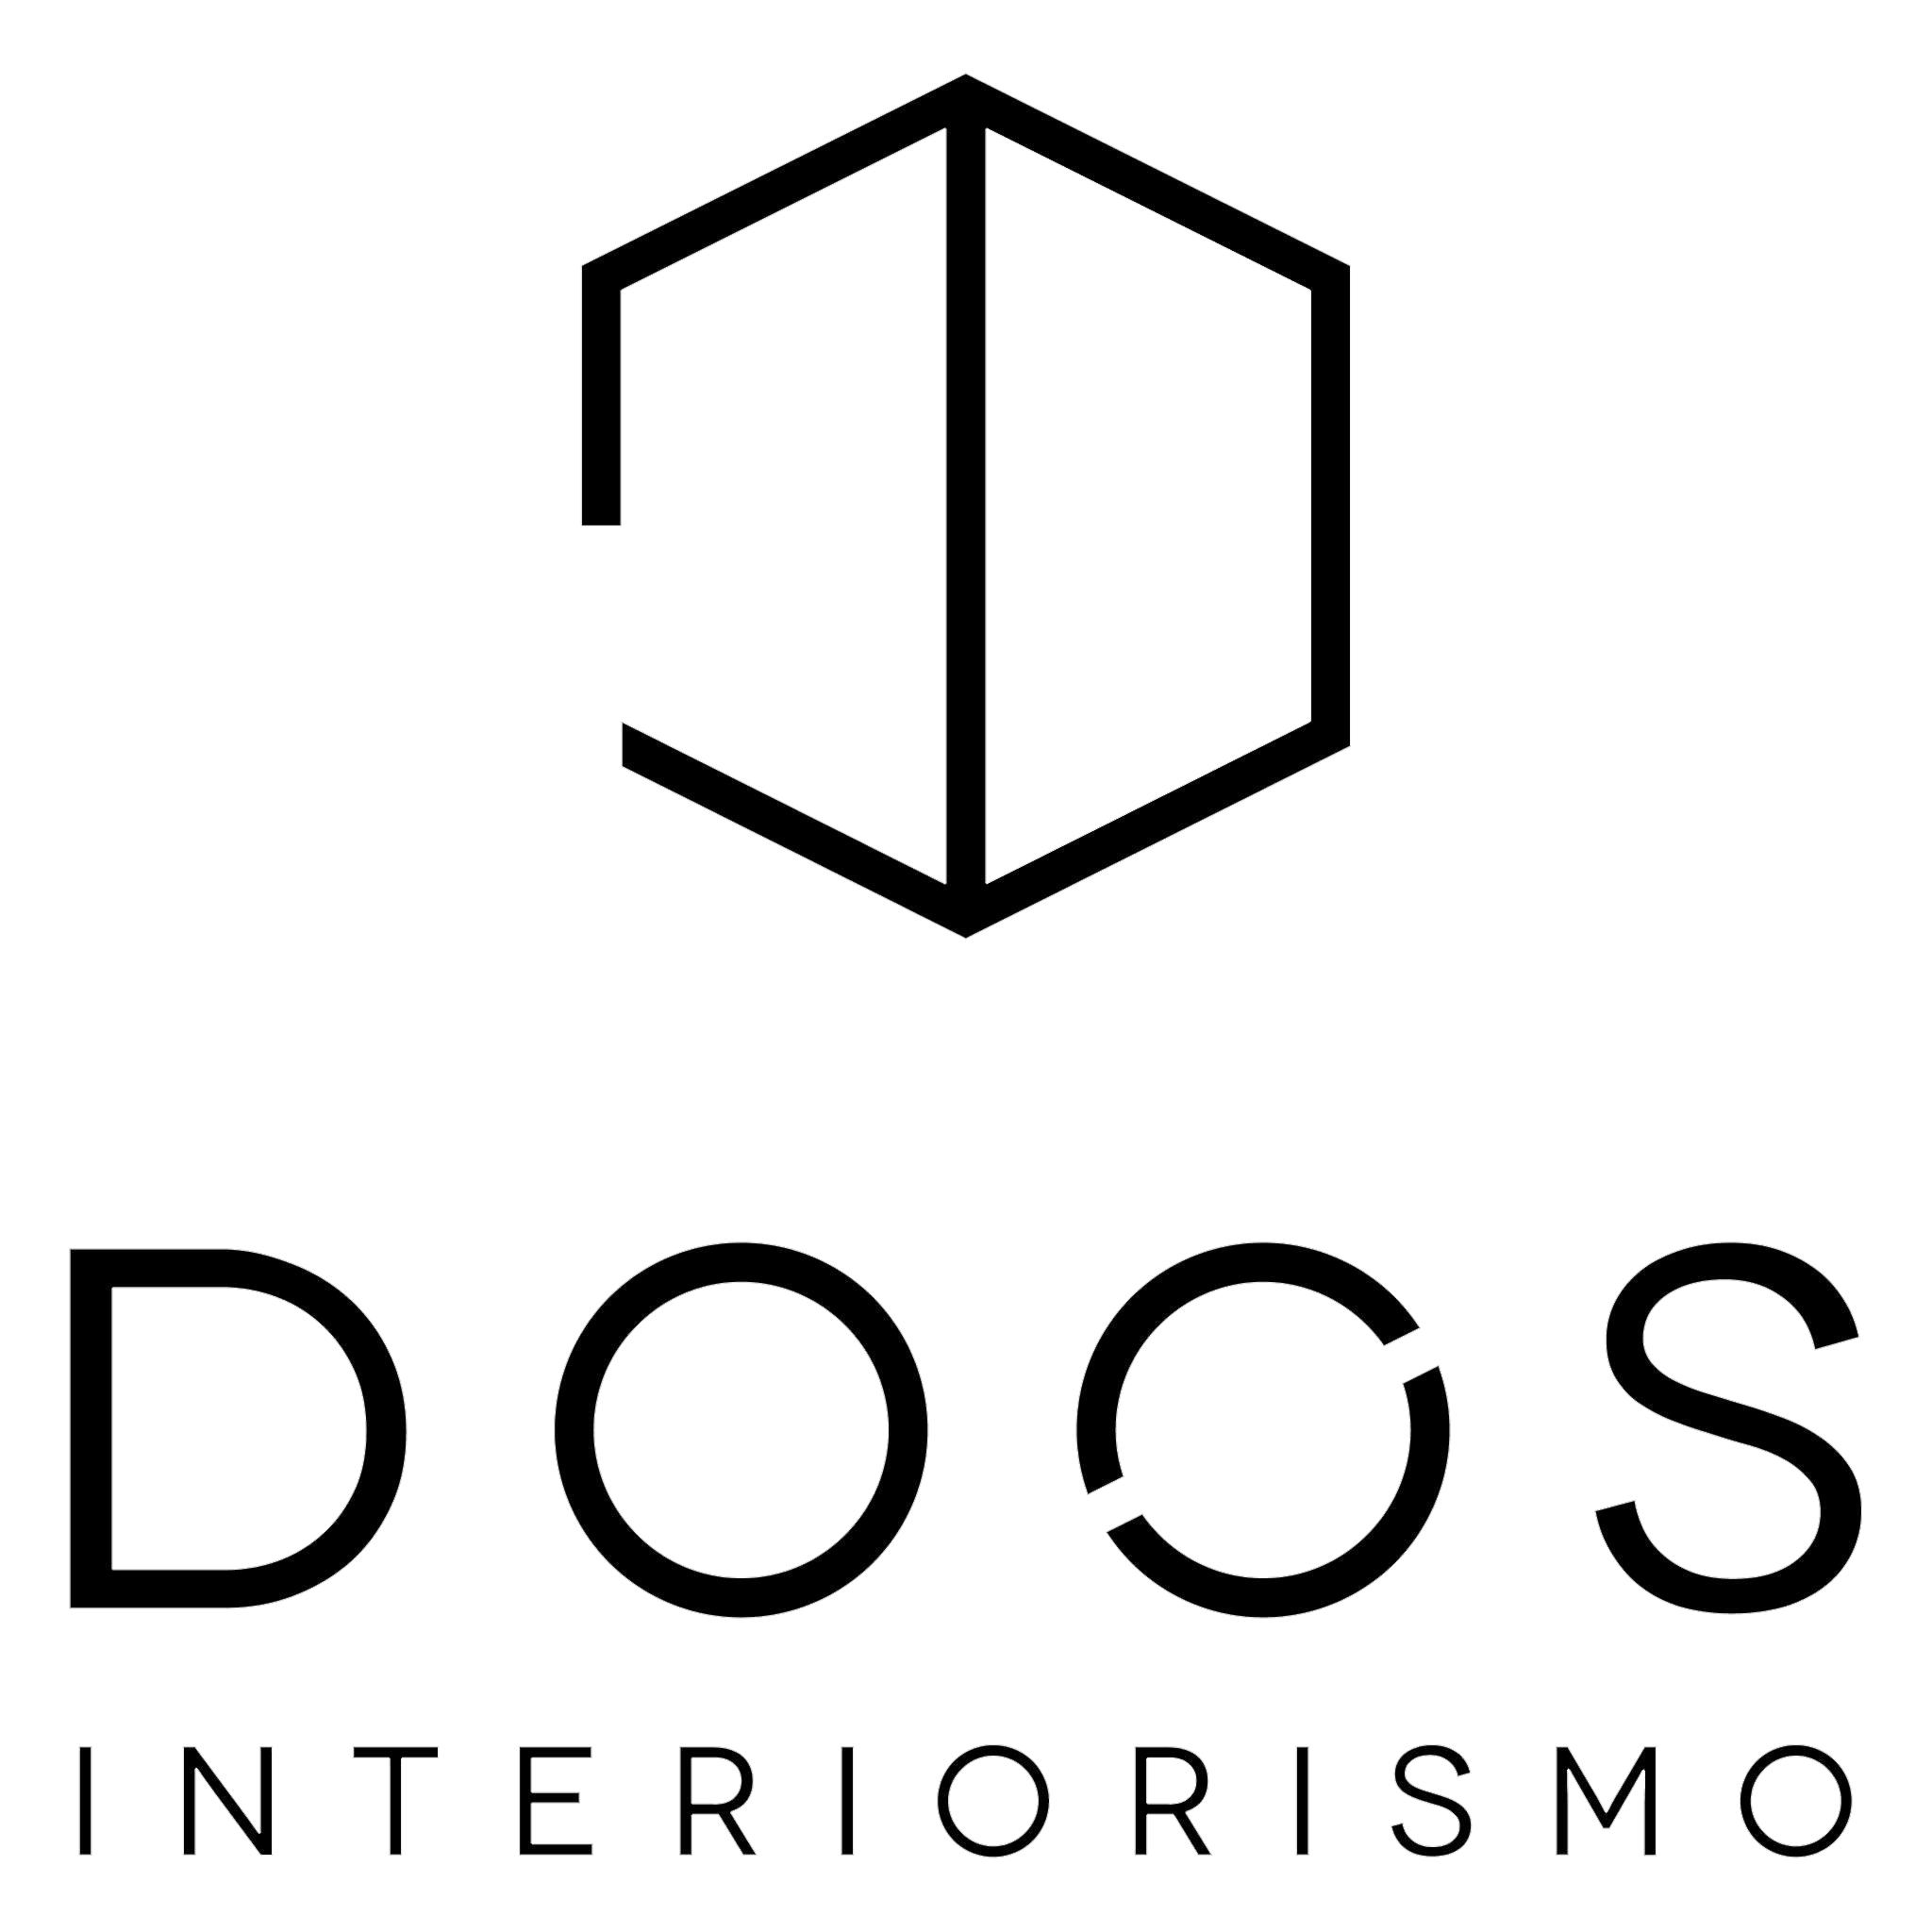 Doos Interiorismo